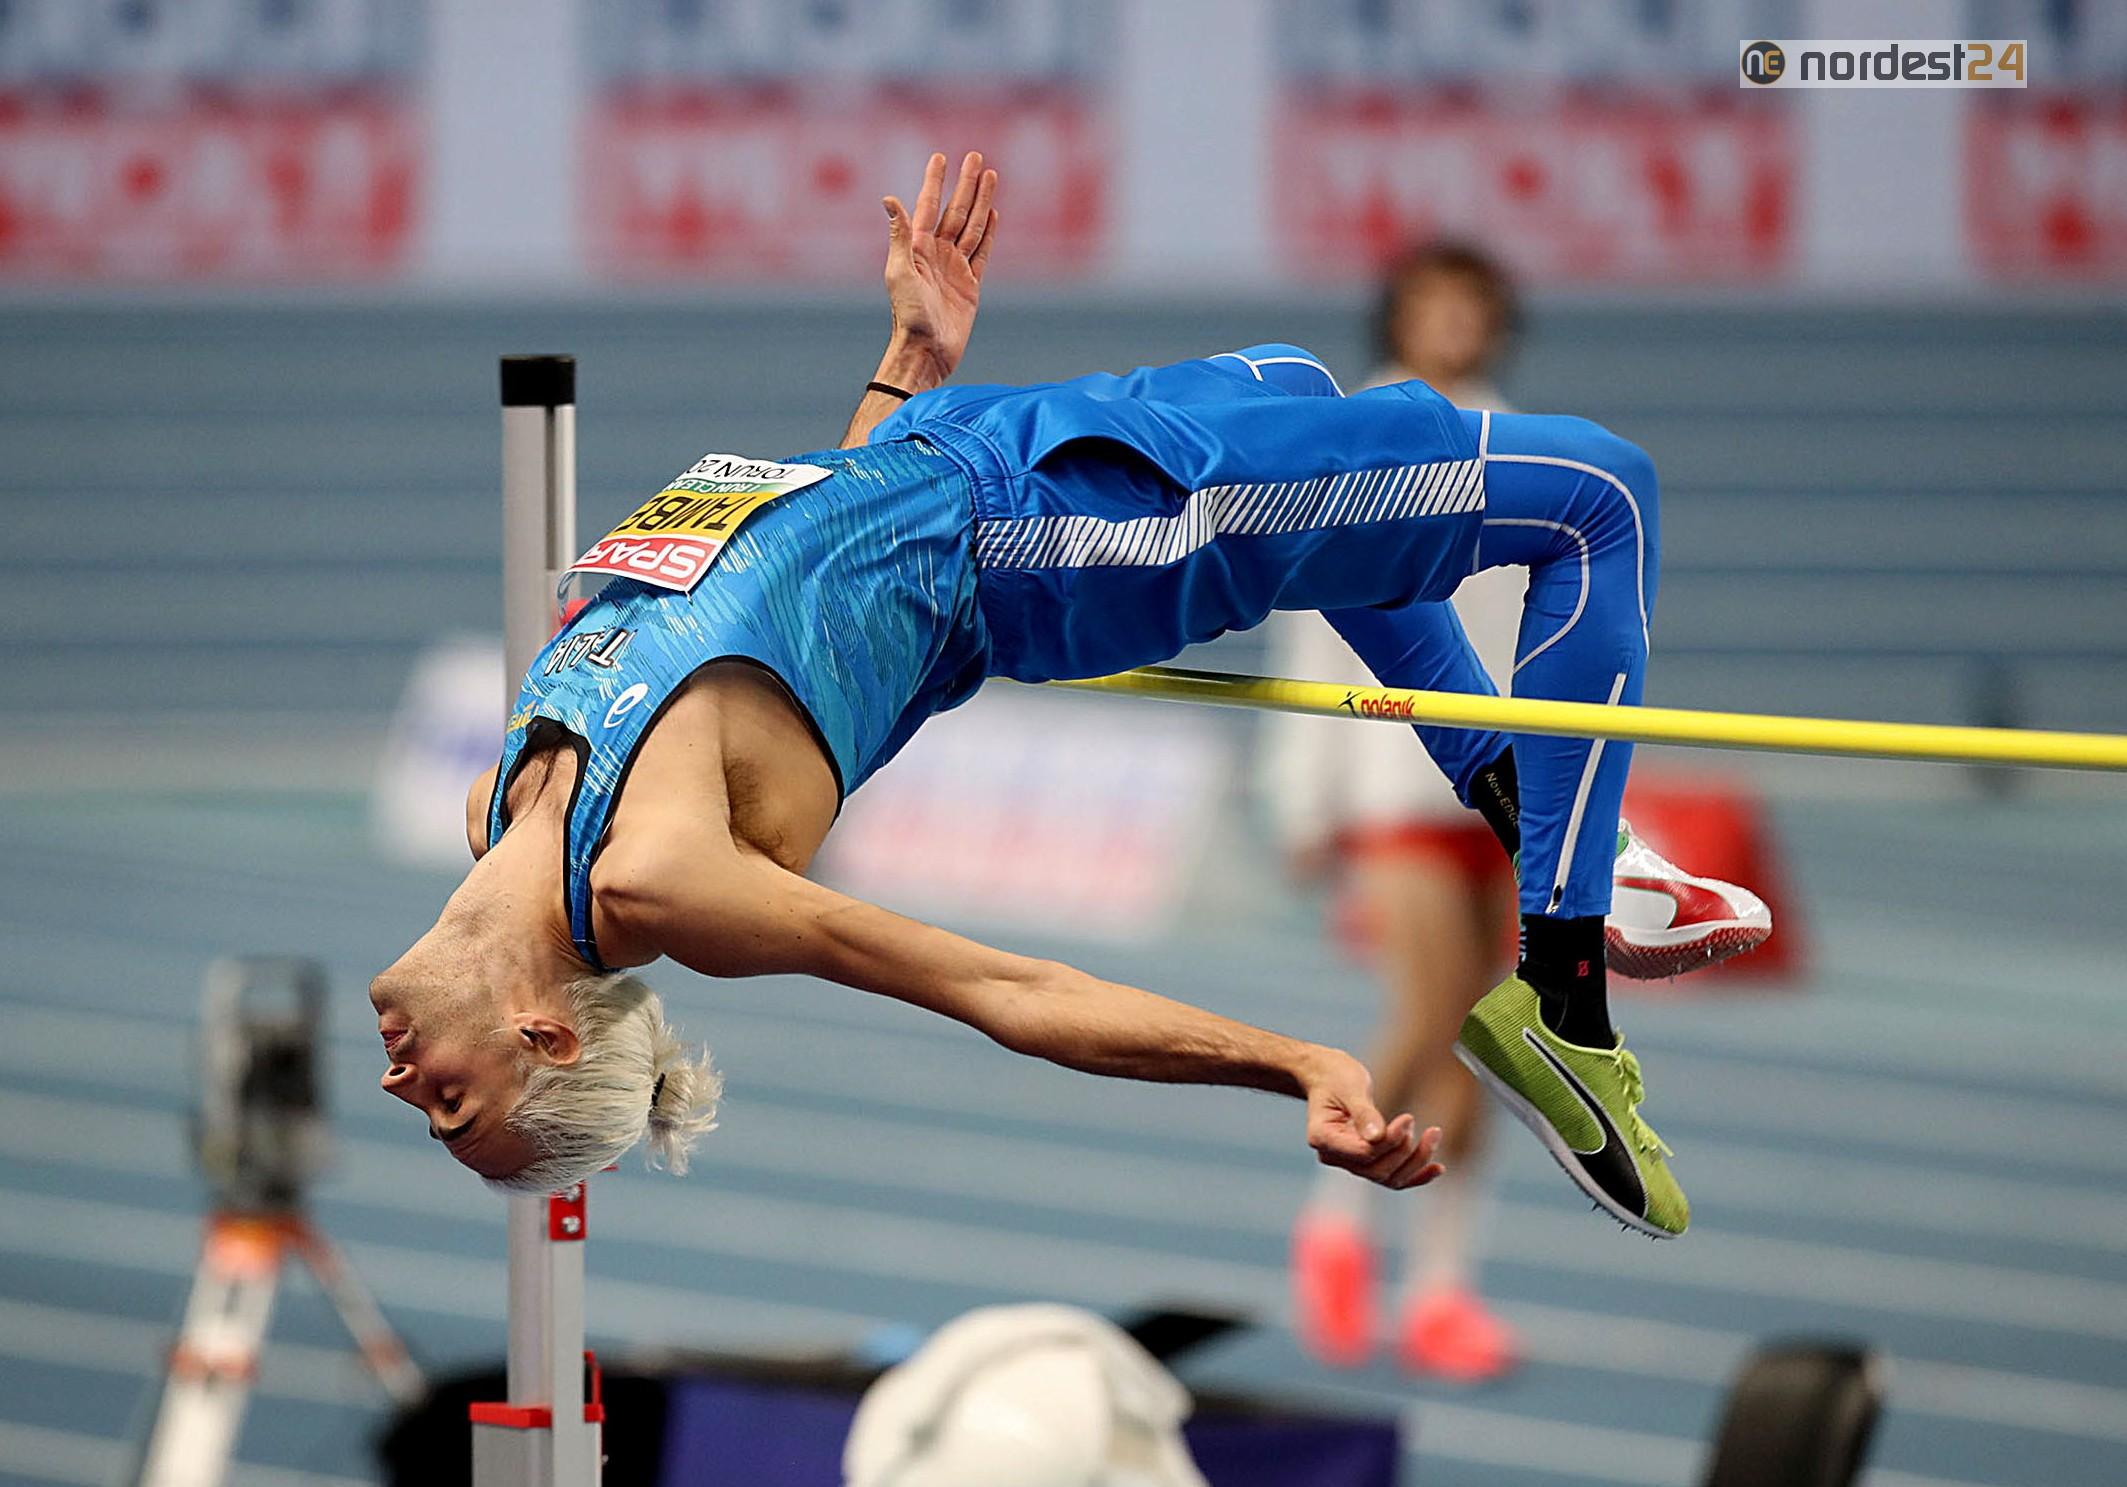 Europei indoor, Gianmarco Tamberi è secondo nella finale dell'alto –  Nordest24